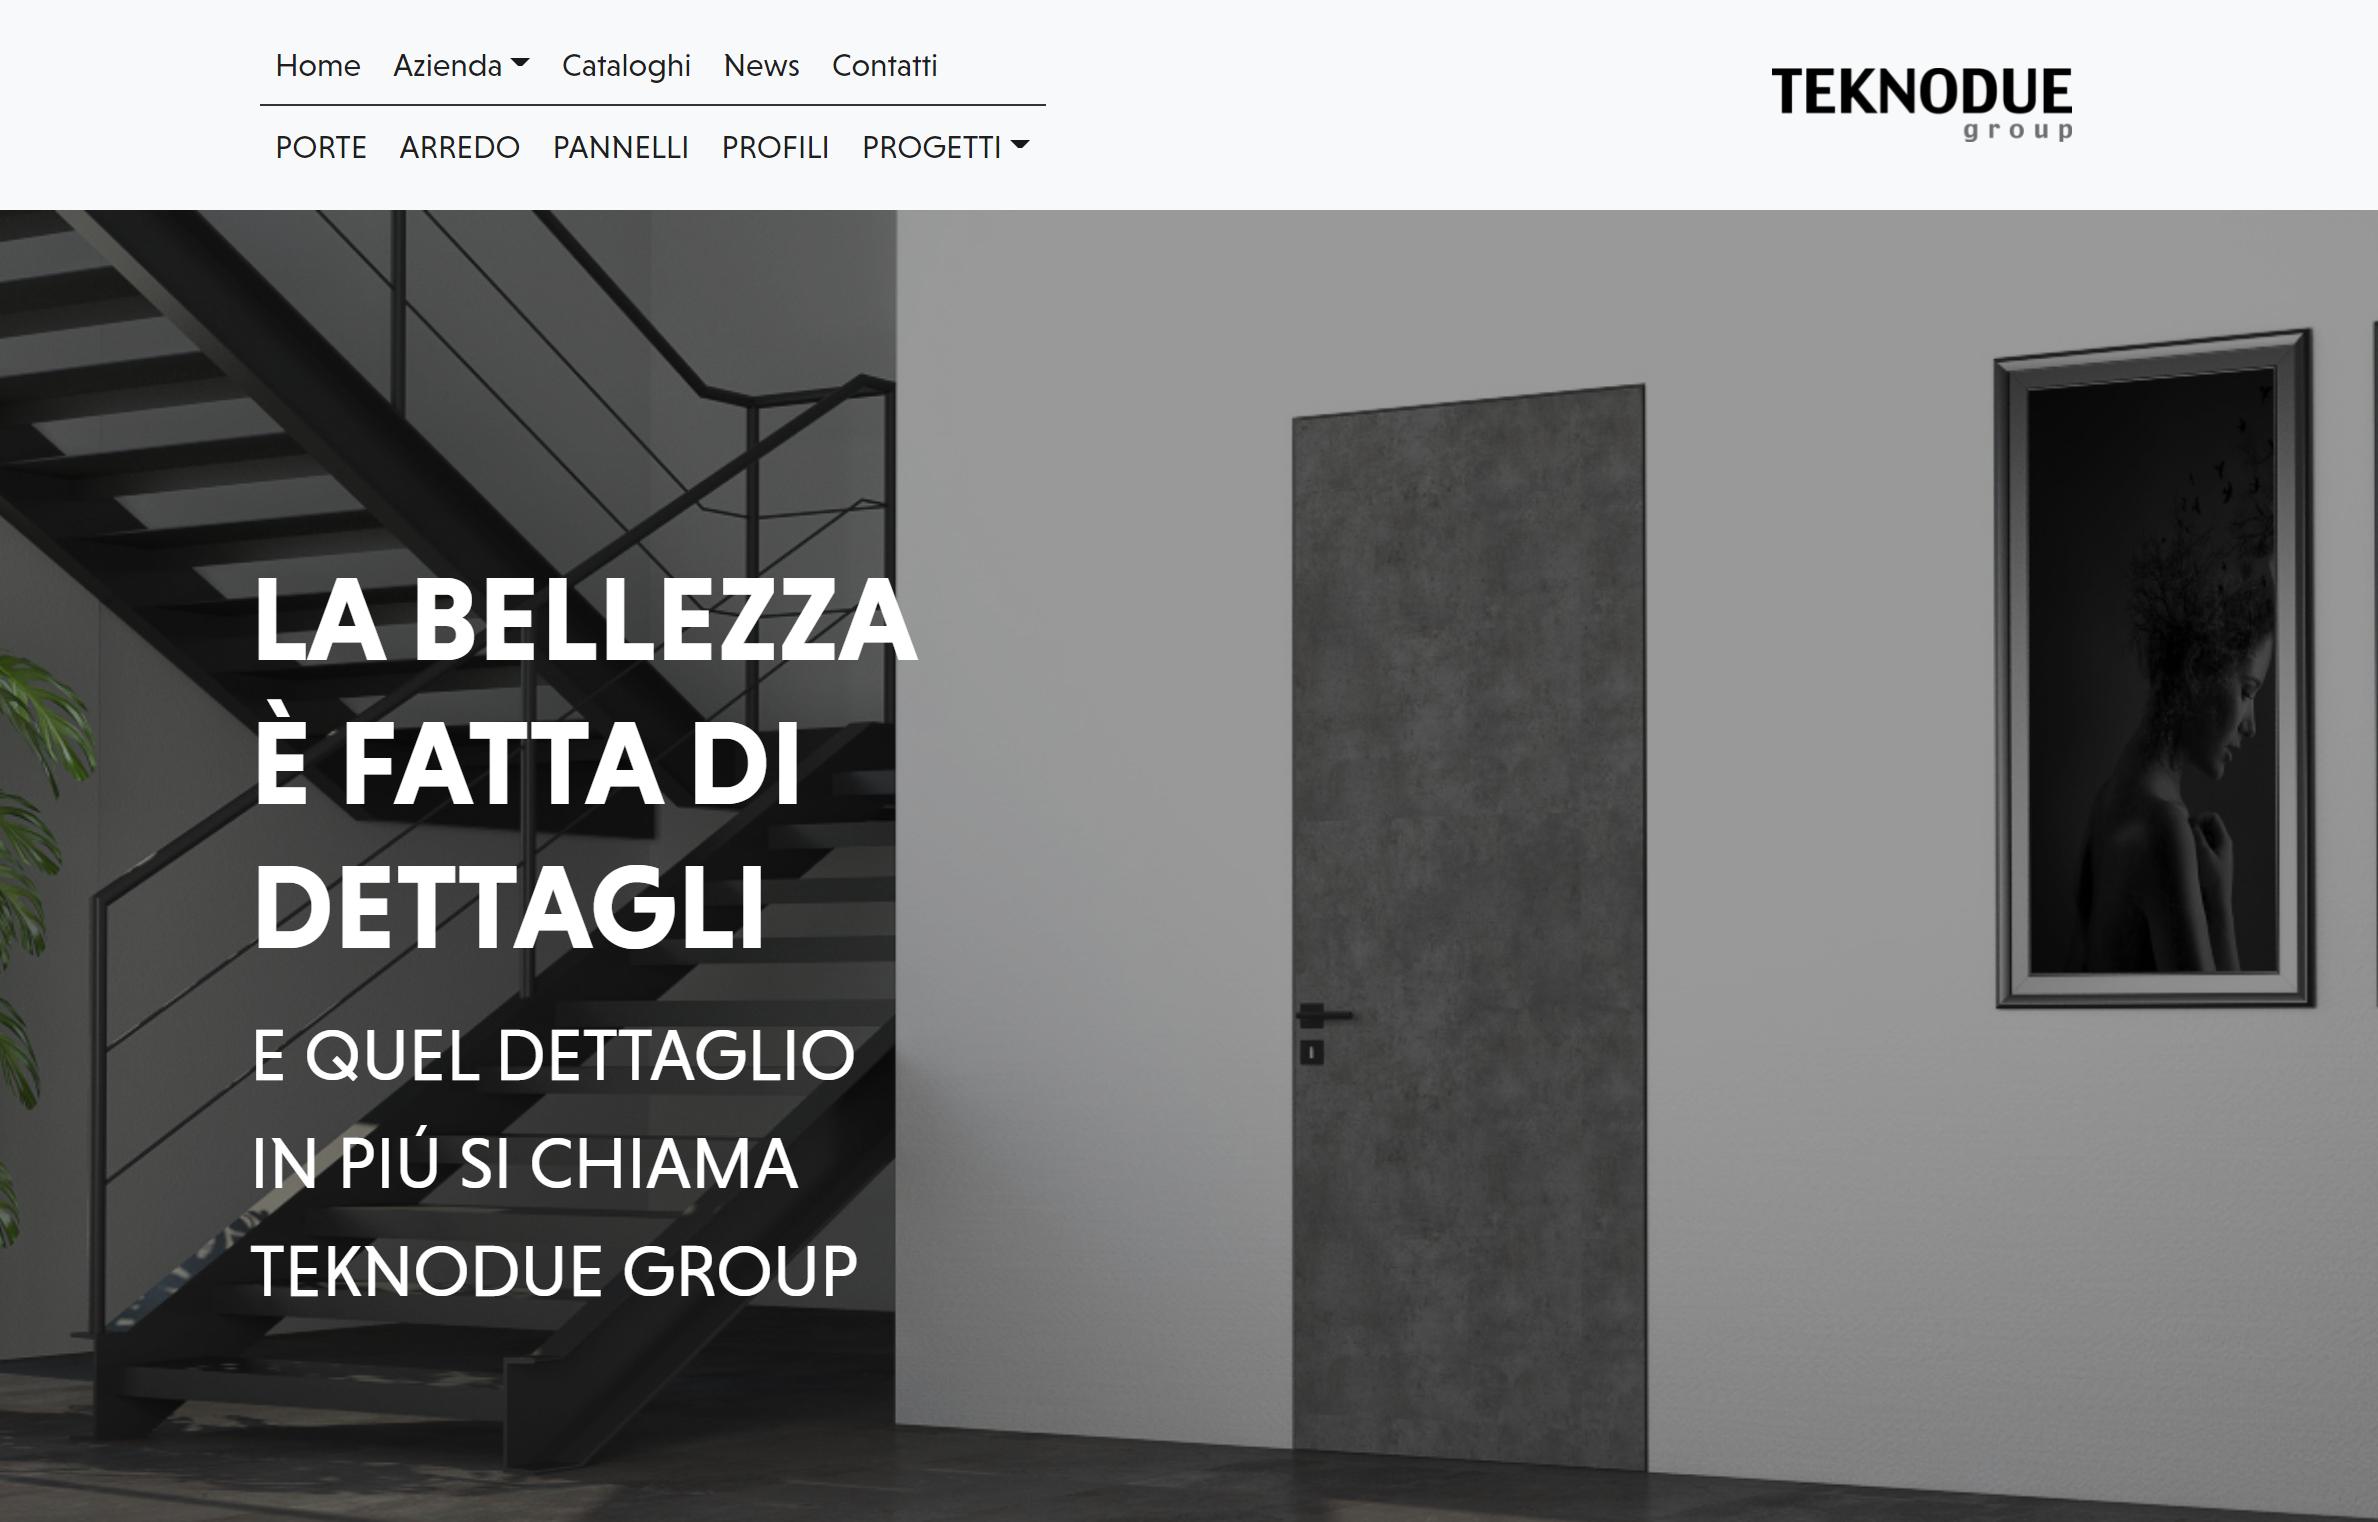 Il nuovo sito della Teknodue Group che ho realizzato